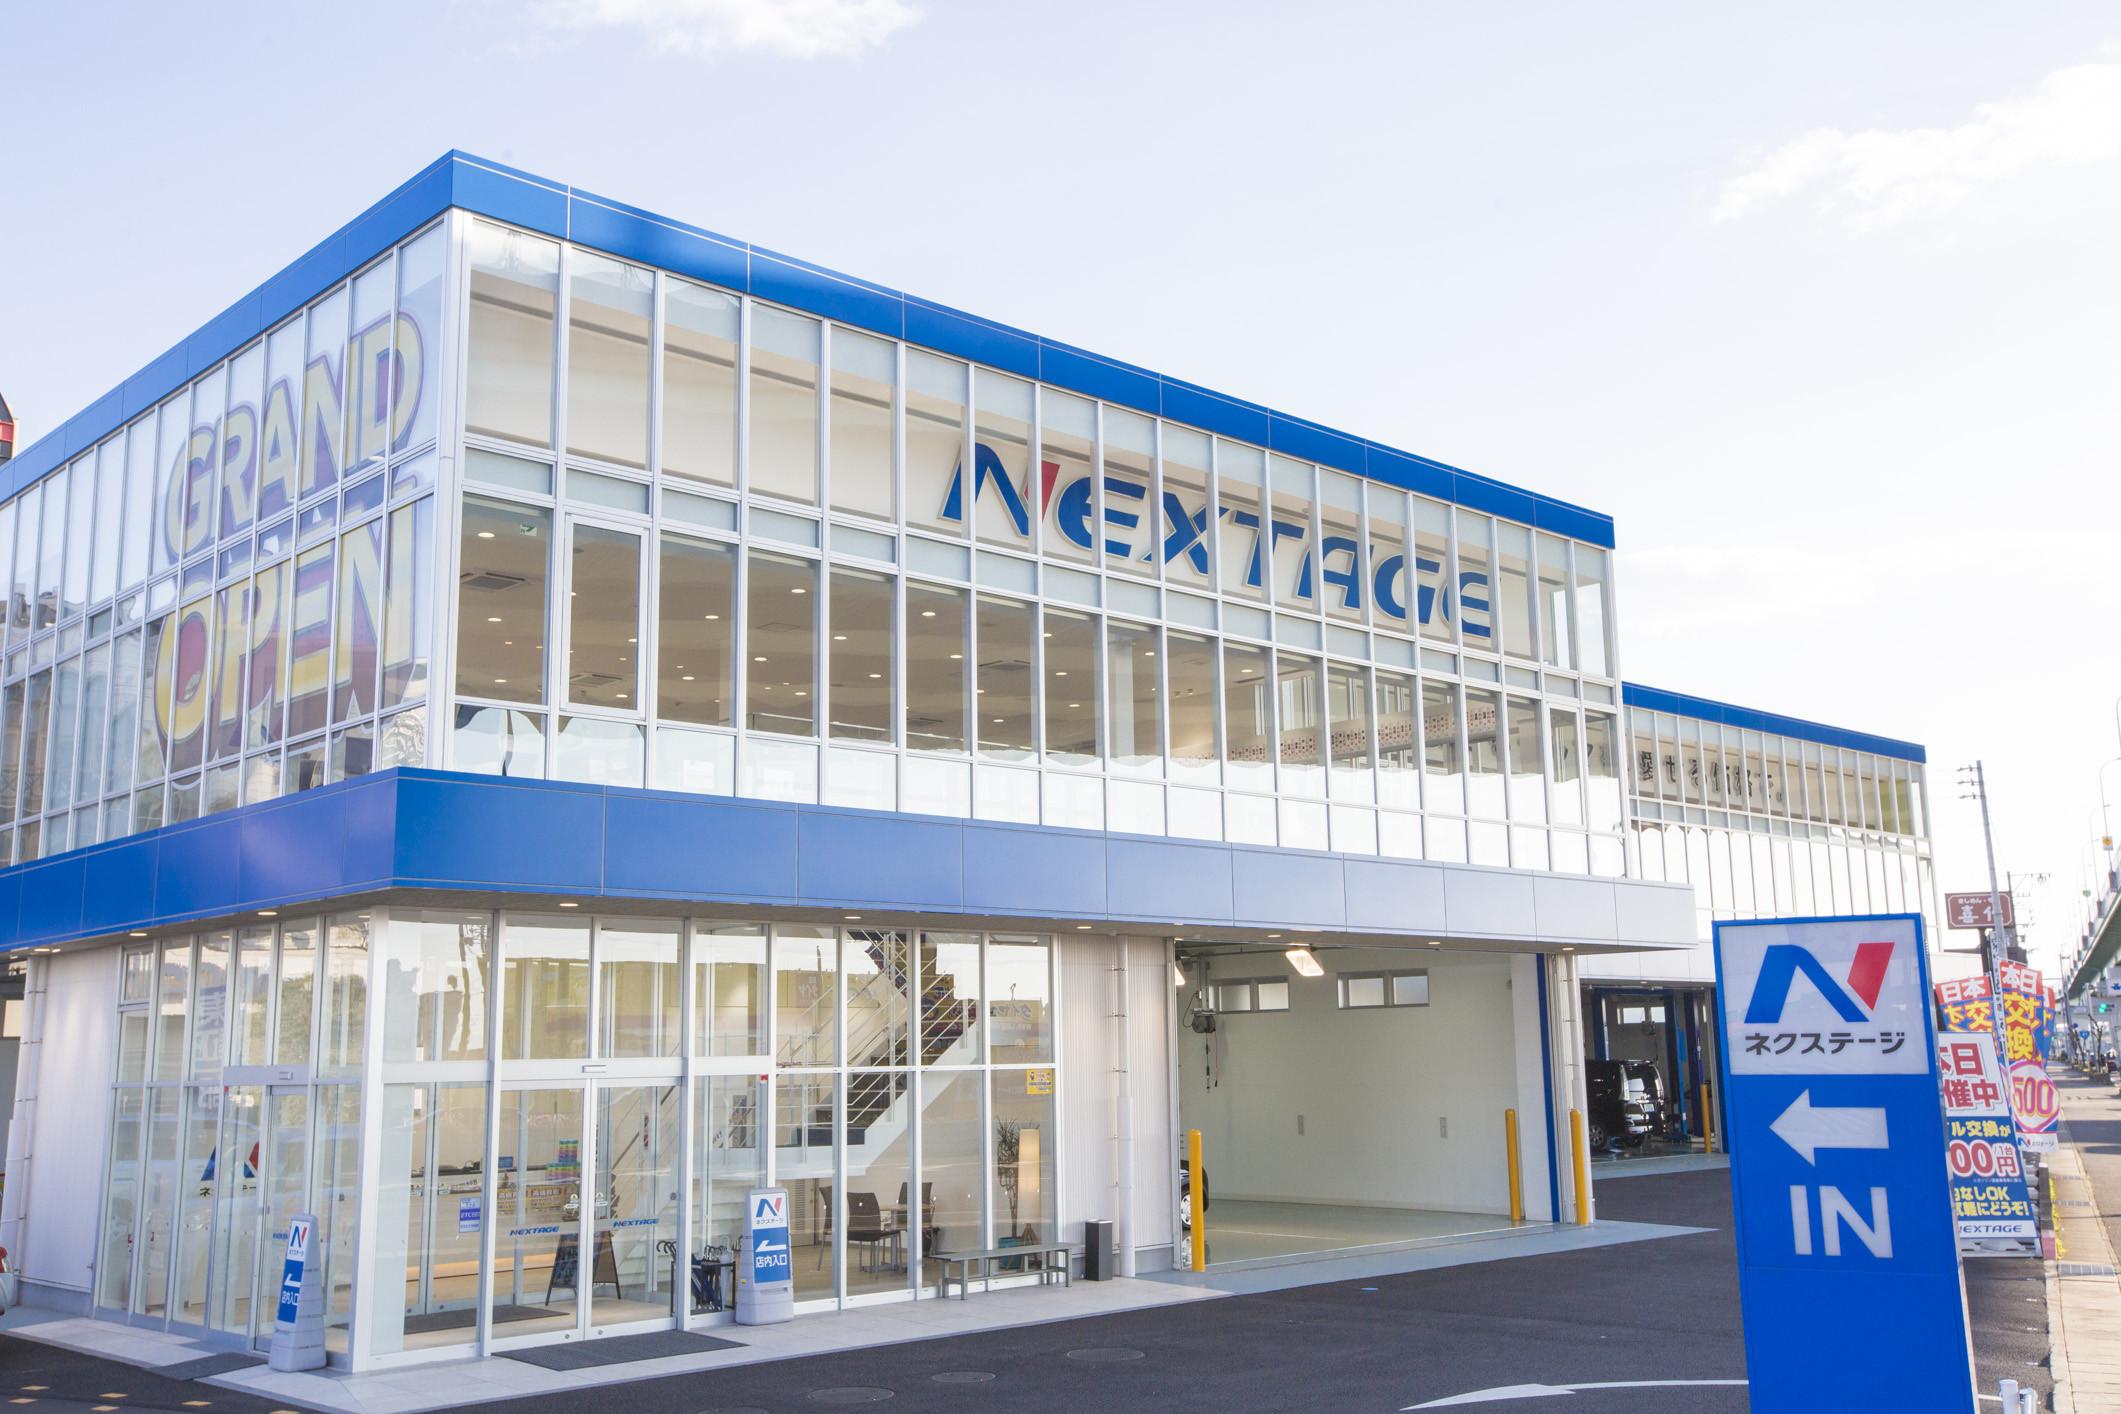 ネクステージ テクニカルセンター千葉北のアルバイト情報